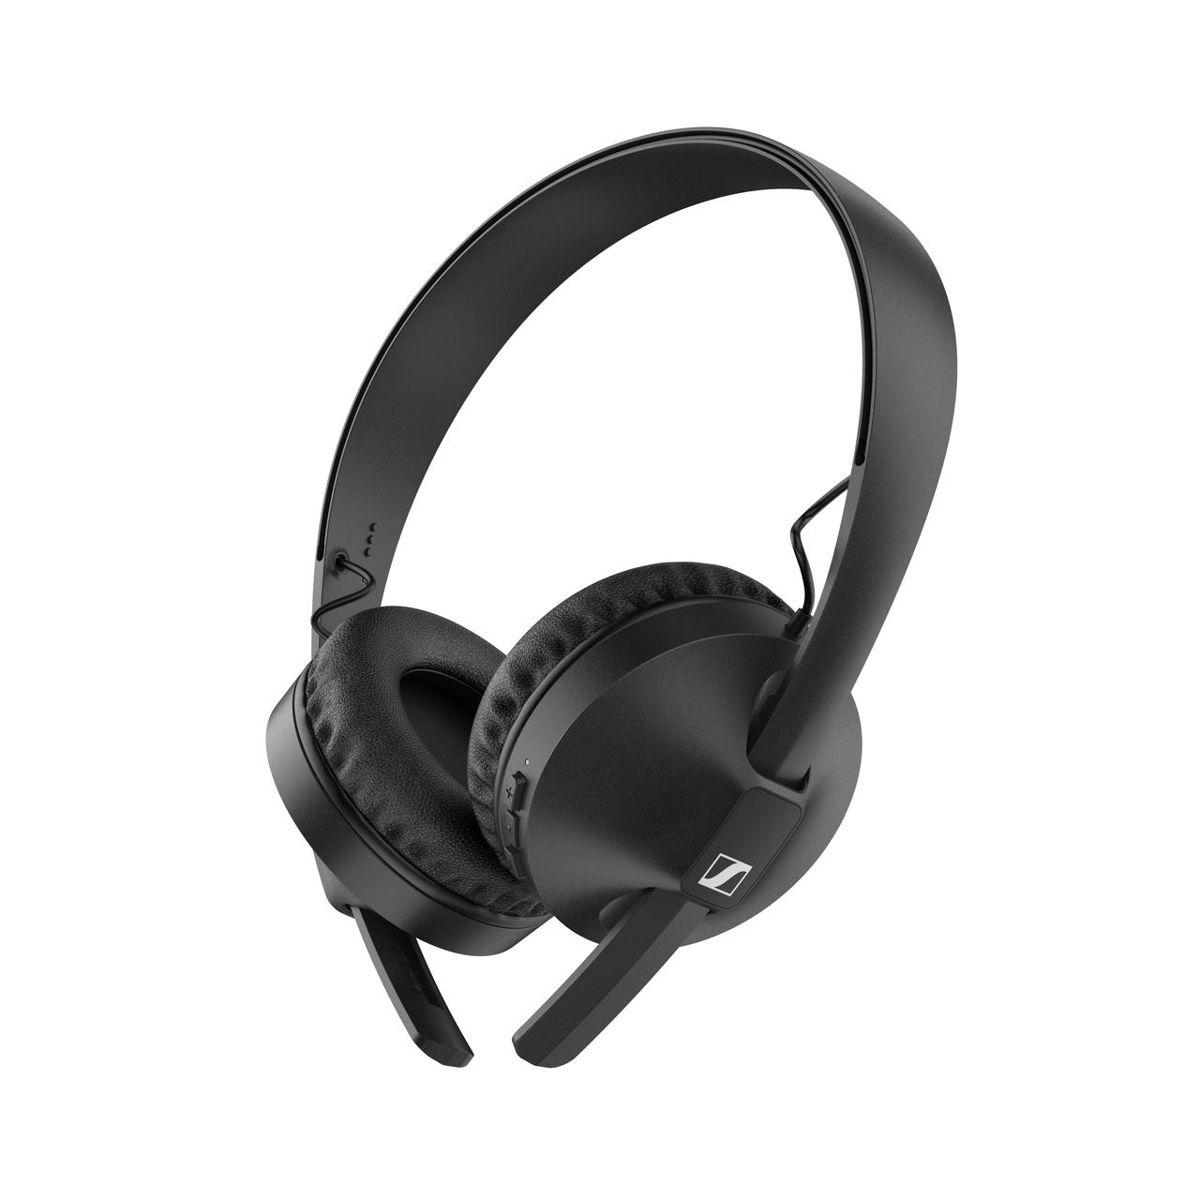 Der neue HD 250BT von Sennheiser bietet ein mitreißendes Klangerlebnis und ist mit dynamischen Bässen, modernster Bluetooth-Konnektivität und einem robusten Design ausgestattet, das jedem Abenteuer des Lebens standhält.